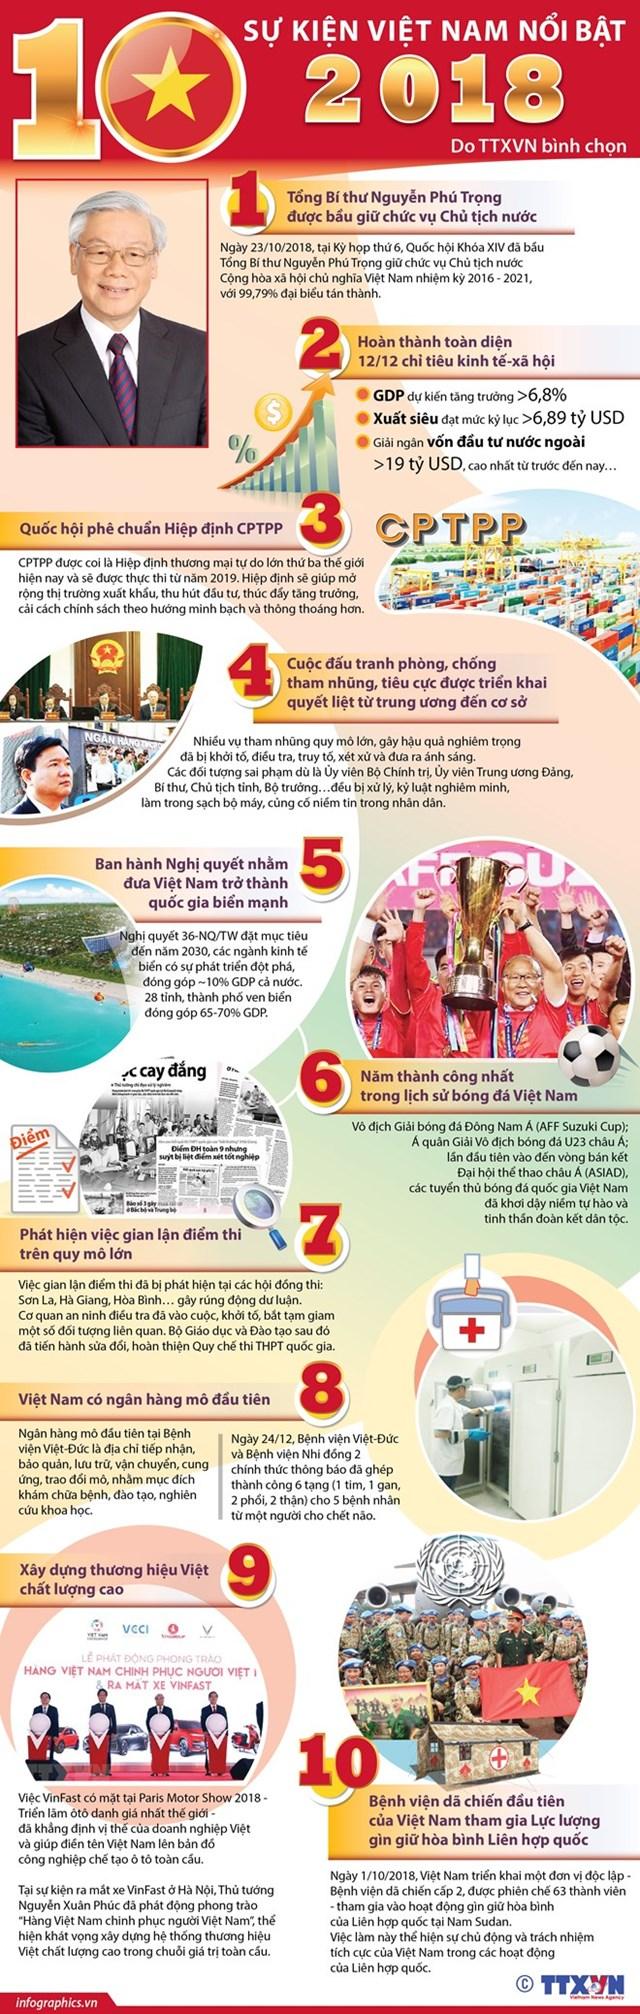 [Infographics] 10 sự kiện nổi bật của Việt Nam năm 2018 do TTXVN chọn